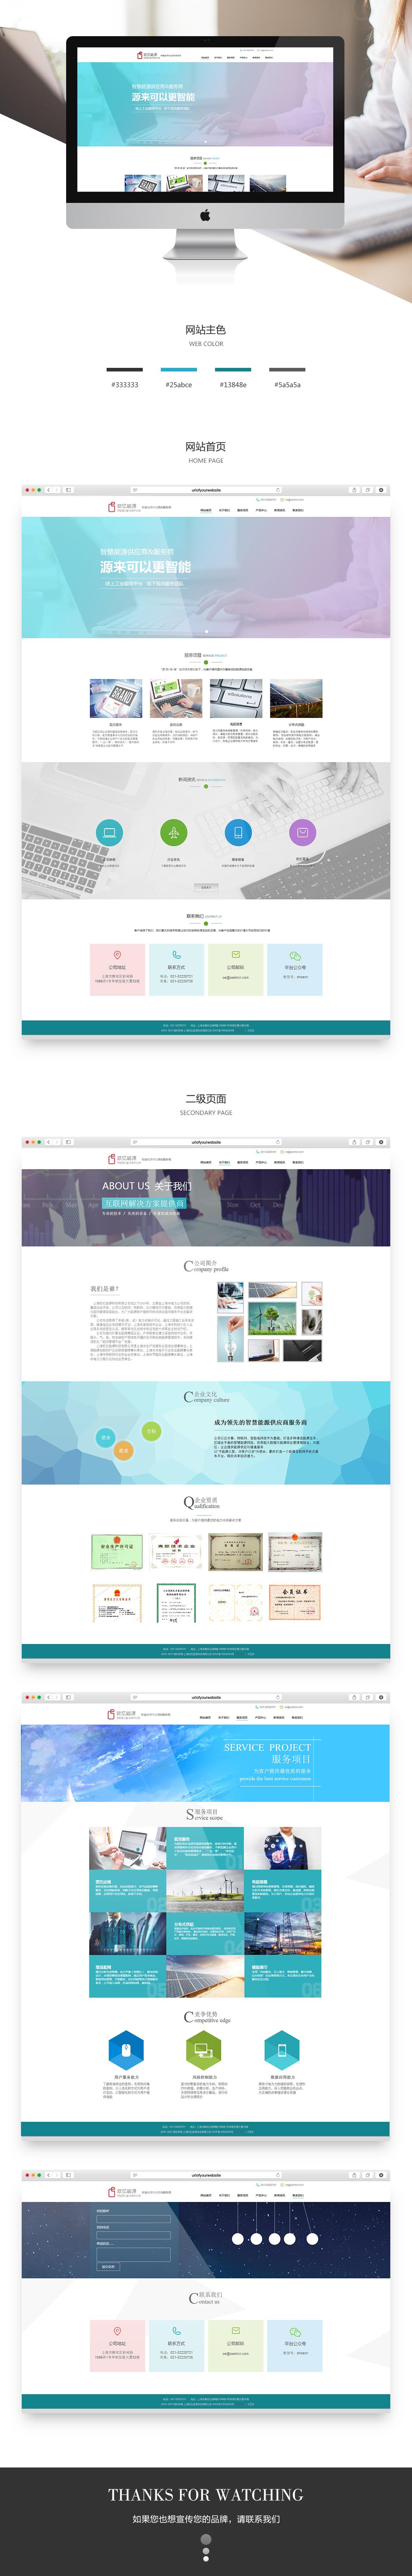 公司案例展示201805-9上海歐憶能源科技有限公司